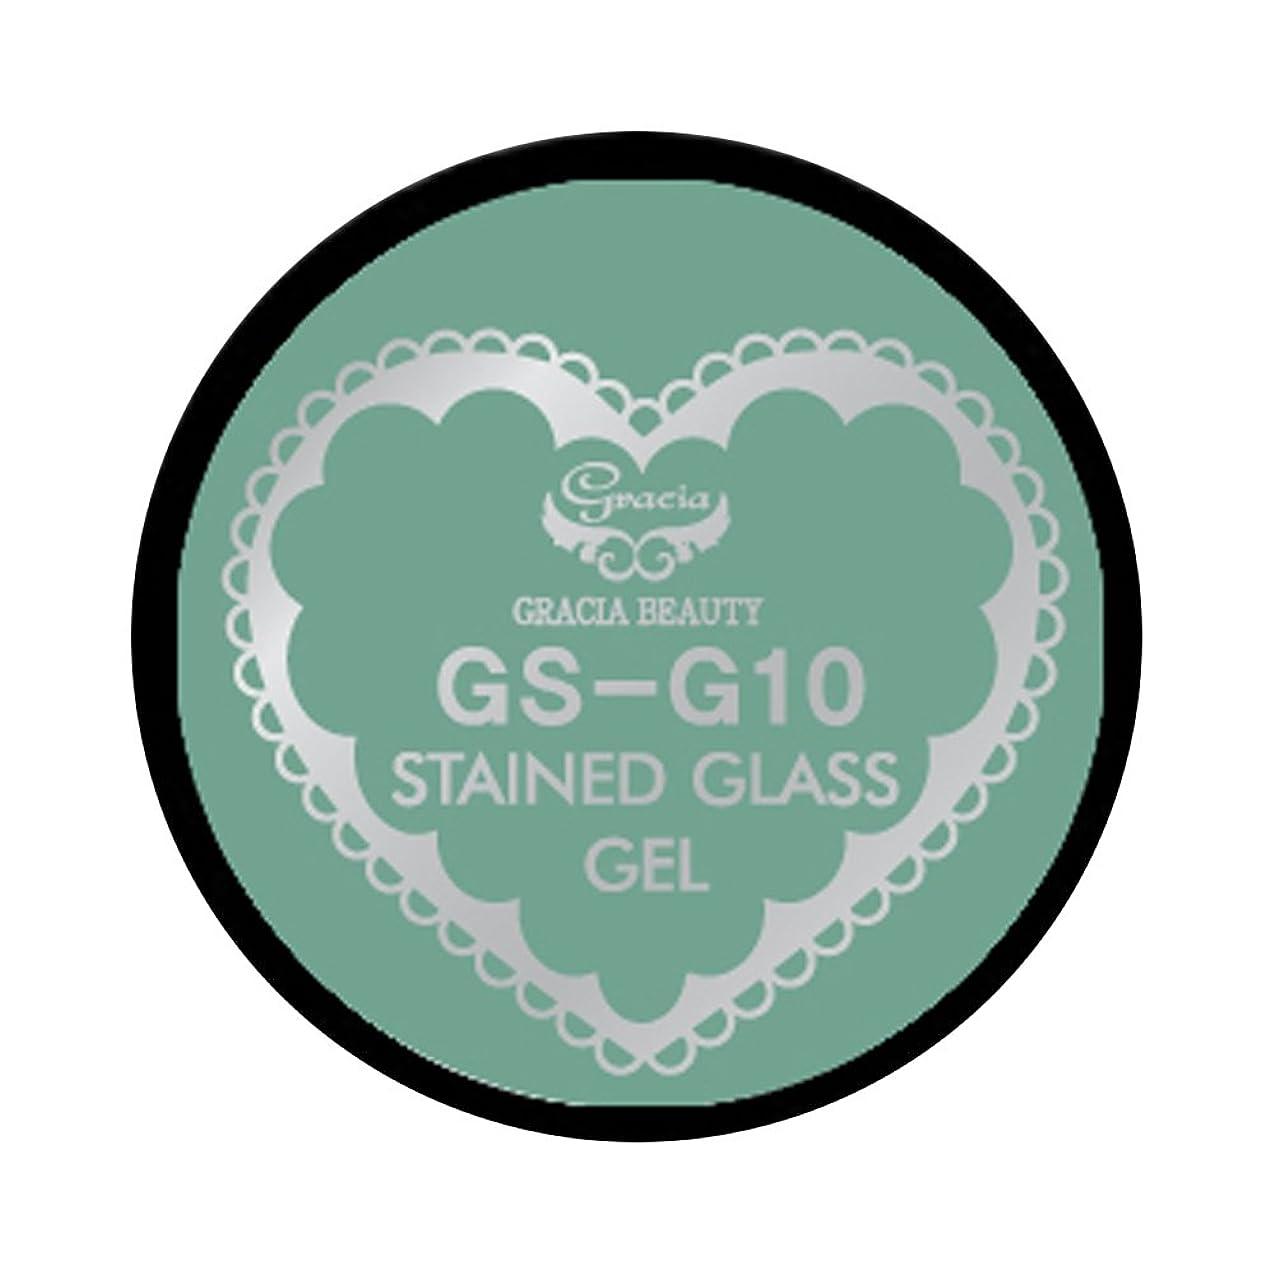 魅了する勘違いするもちろんグラシア ジェルネイル ステンドグラスジェル GSM-G10 3g  グリッター UV/LED対応 カラージェル ソークオフジェル ガラスのような透明感